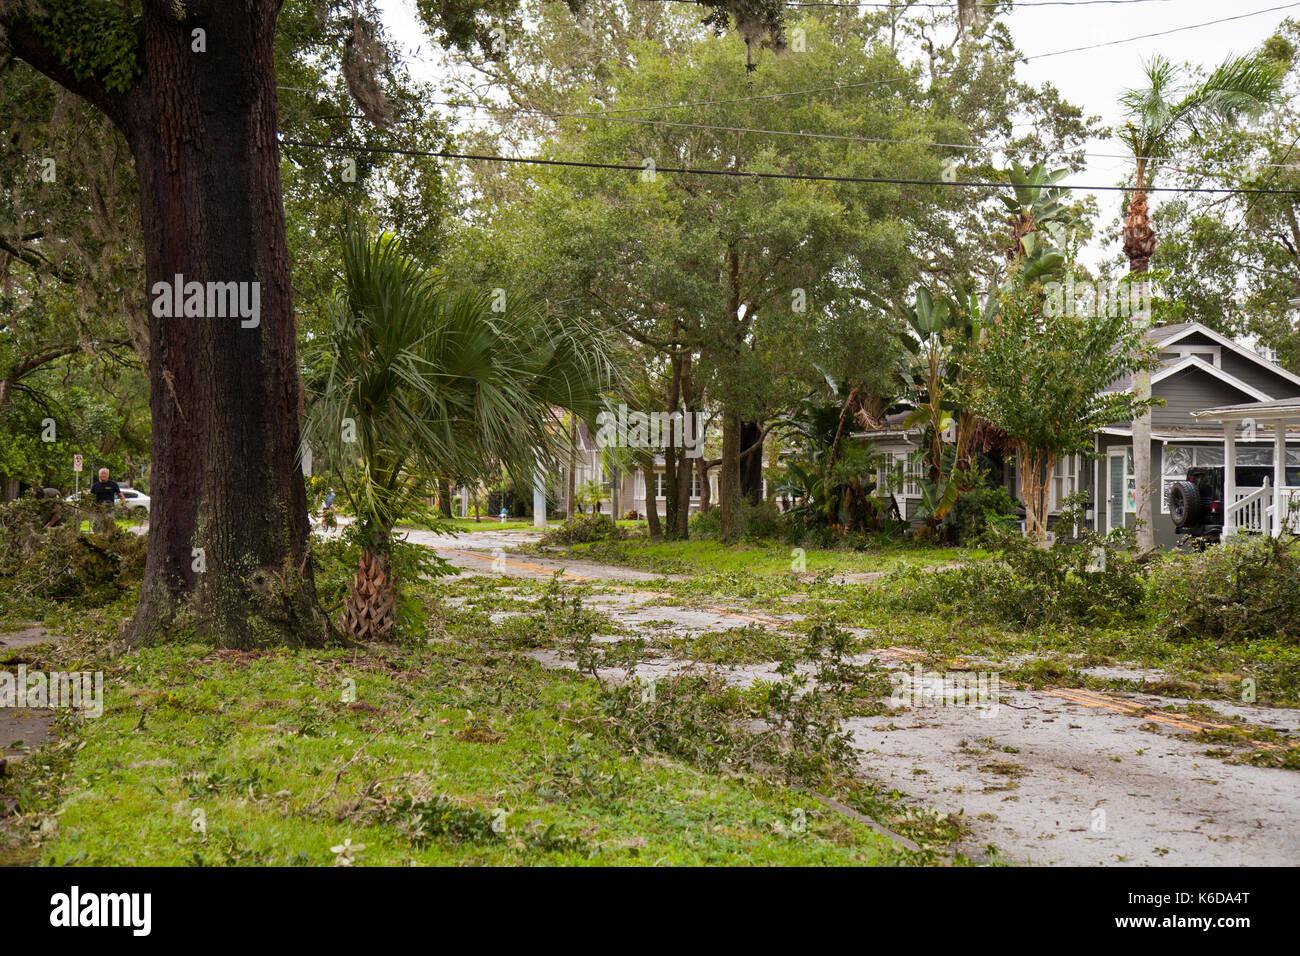 Orlando, USA. 11 Sep, 2017. Hurricane Irma Schäden in der historischen Innenstadt von Lake Eola Höhen Nachbarschaft Orlando Florida September 11, 2017 Credit: Michele Oenbrink/Alamy leben Nachrichten Stockbild